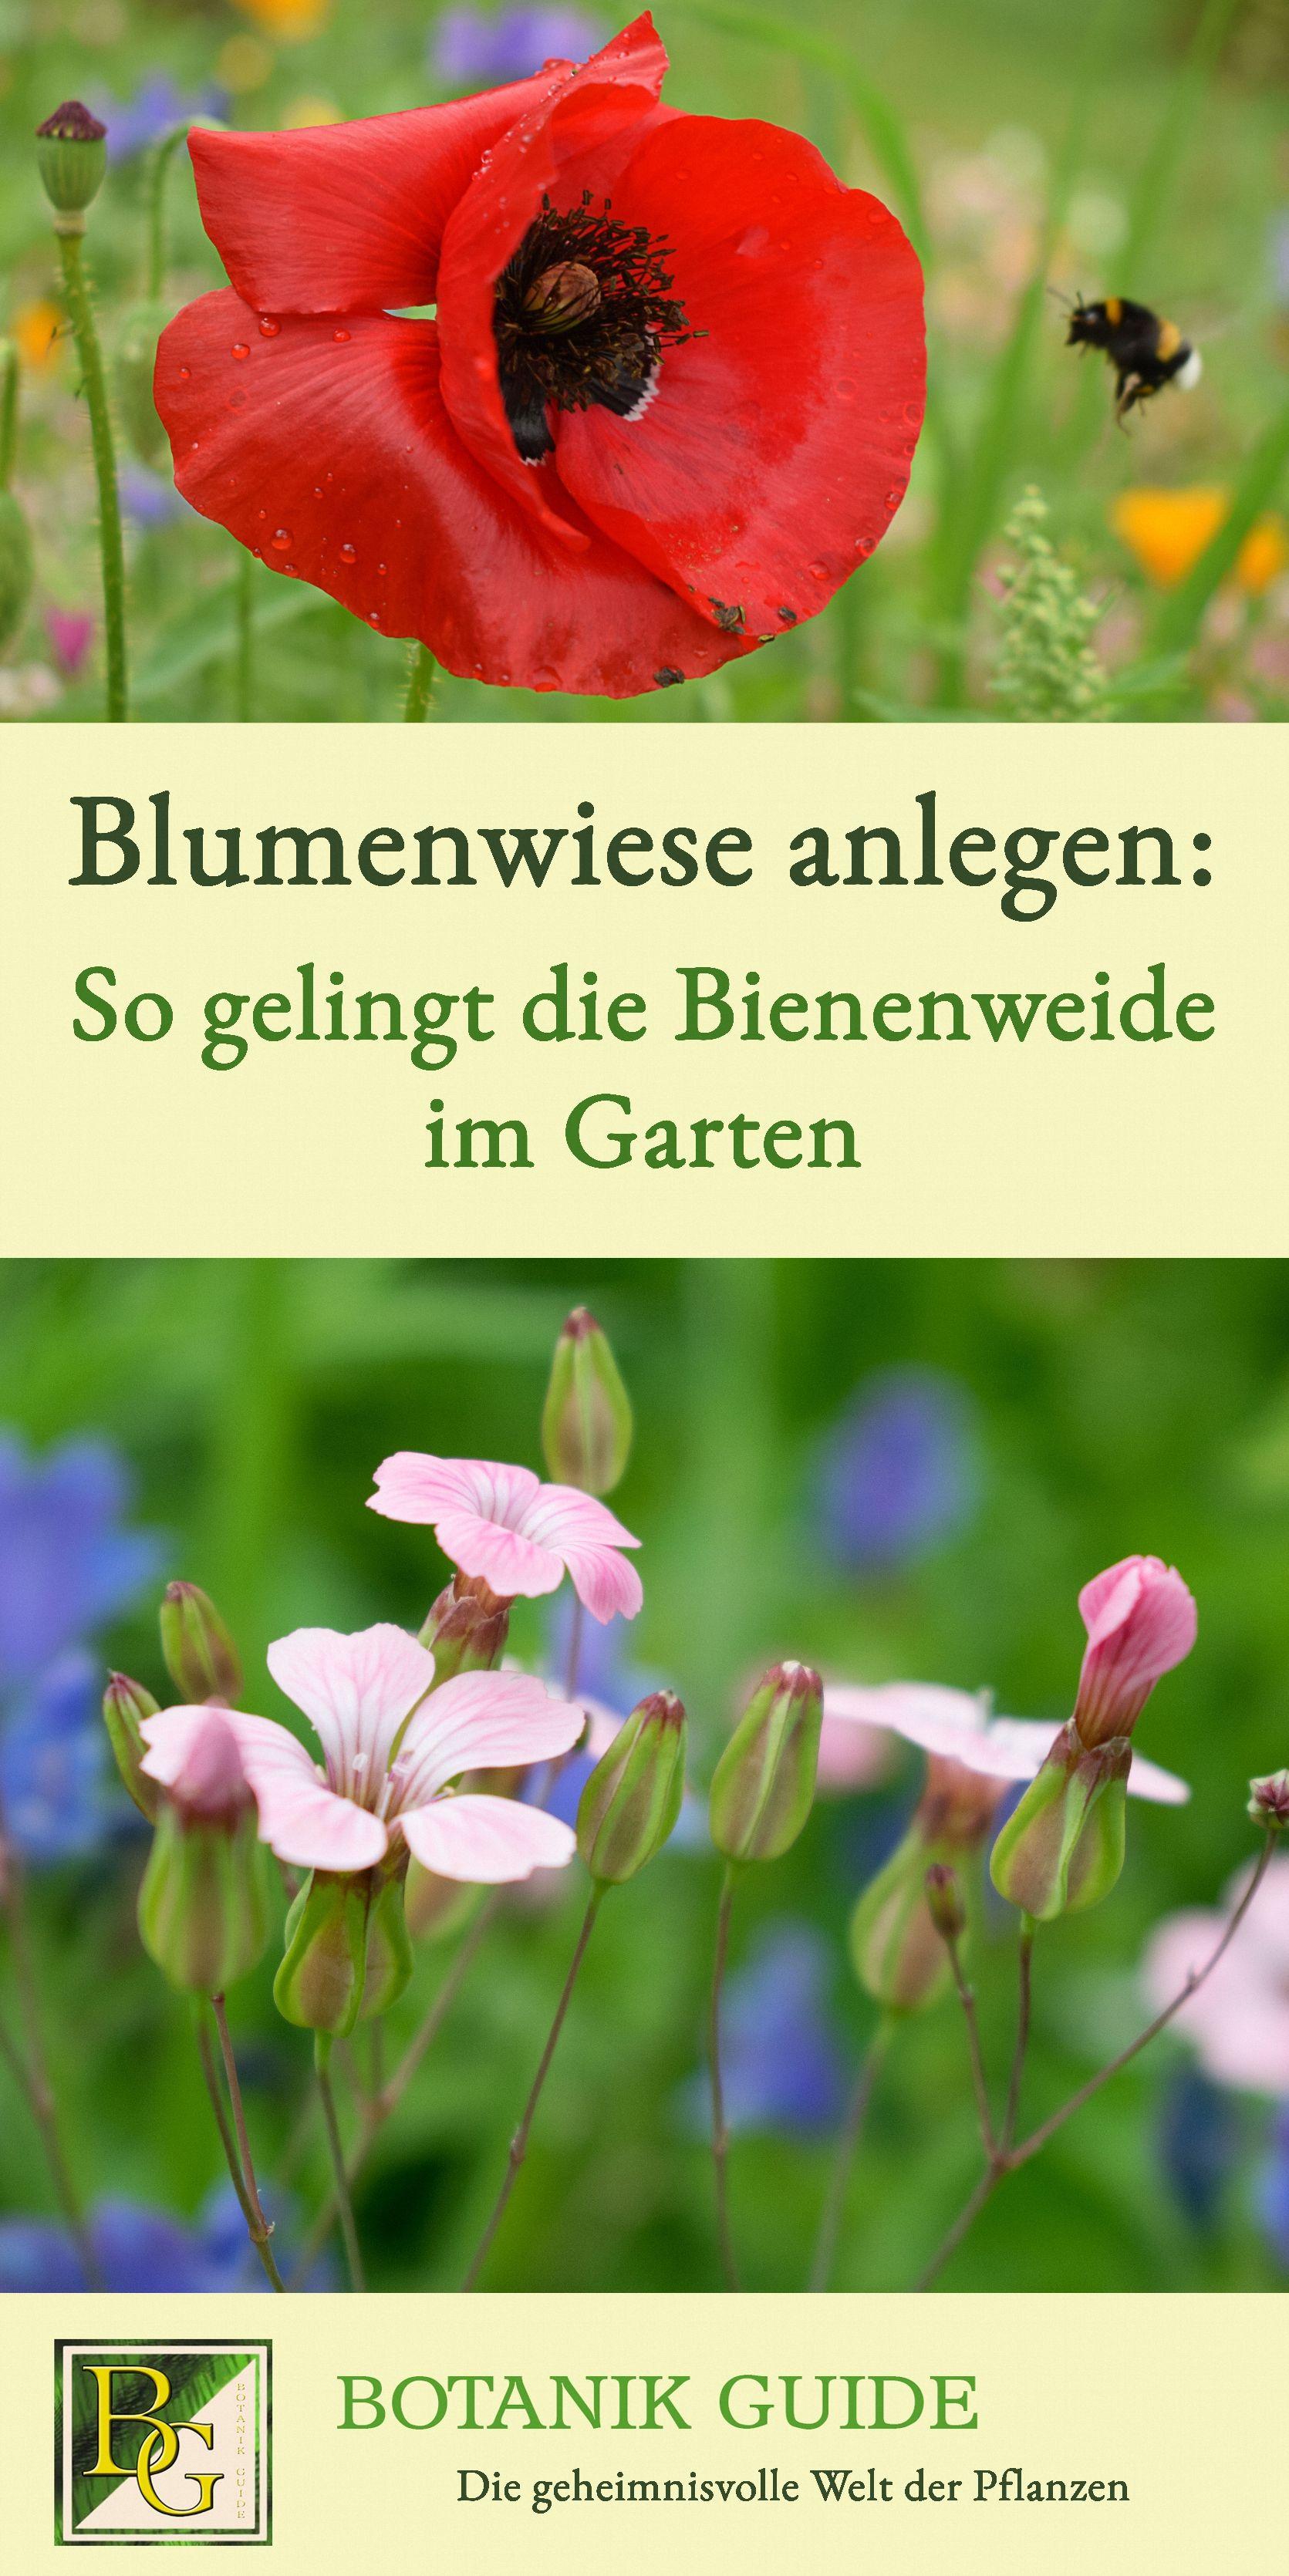 Photo of Blumenwiese für Insekten!